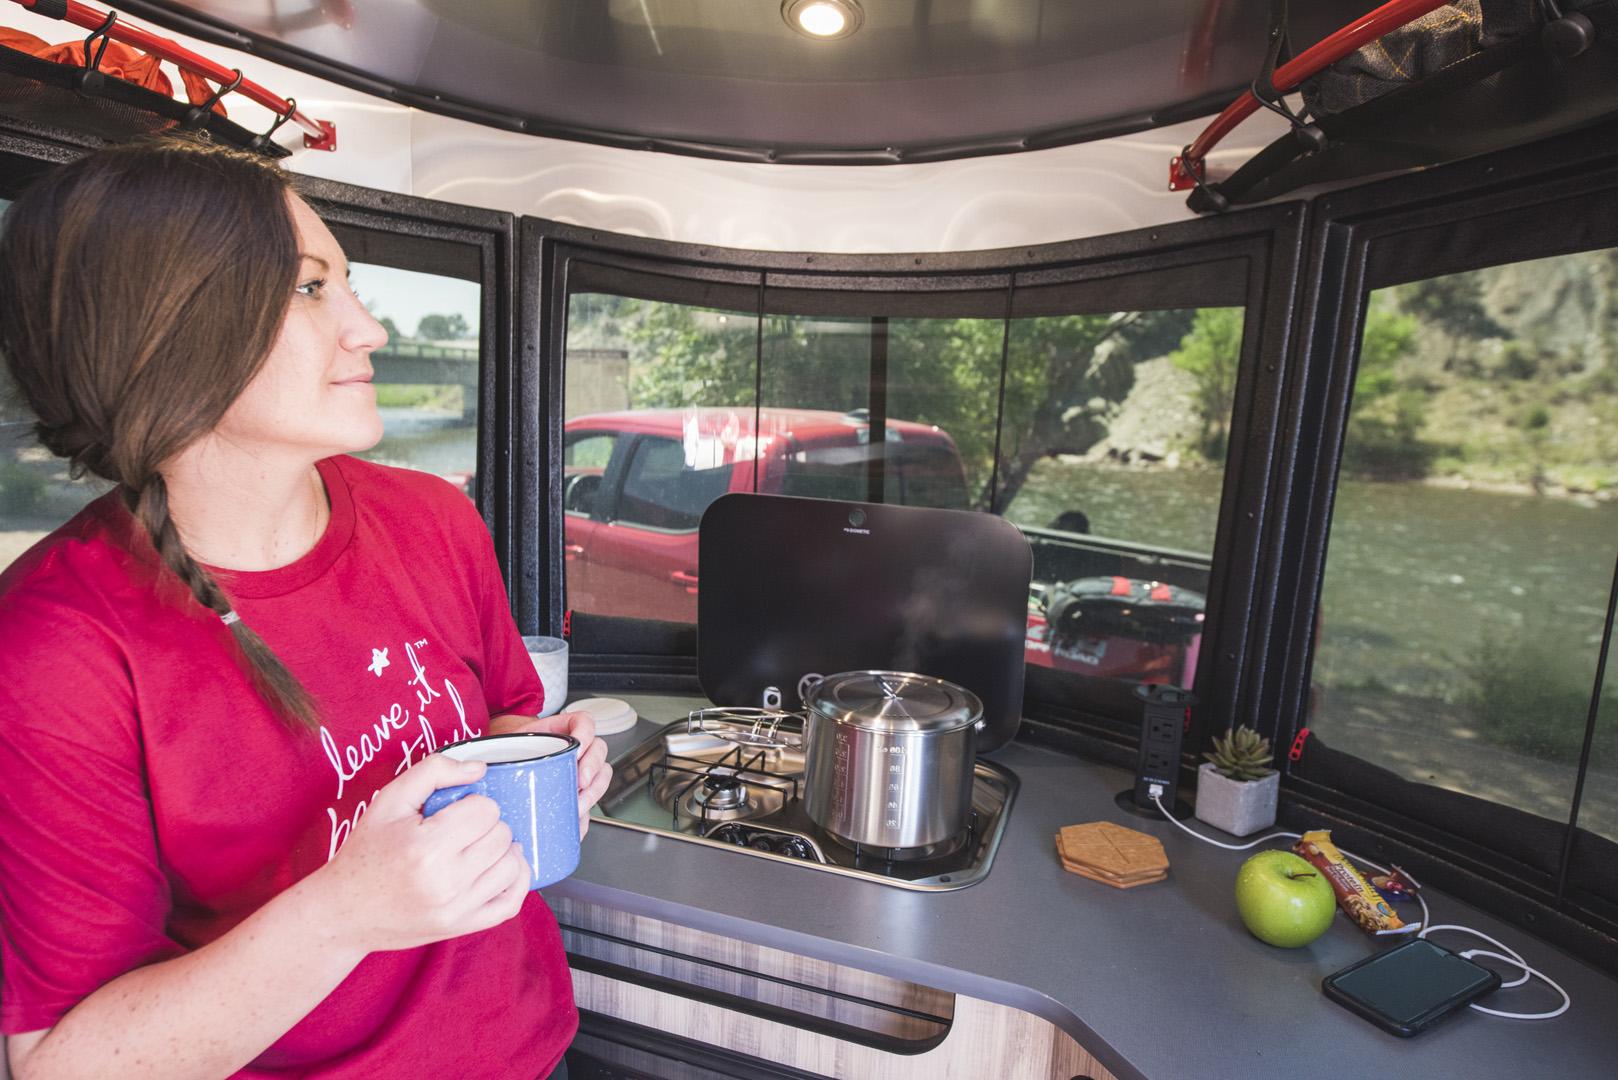 Airstream RV Kitchen Essentials and Checklists 13